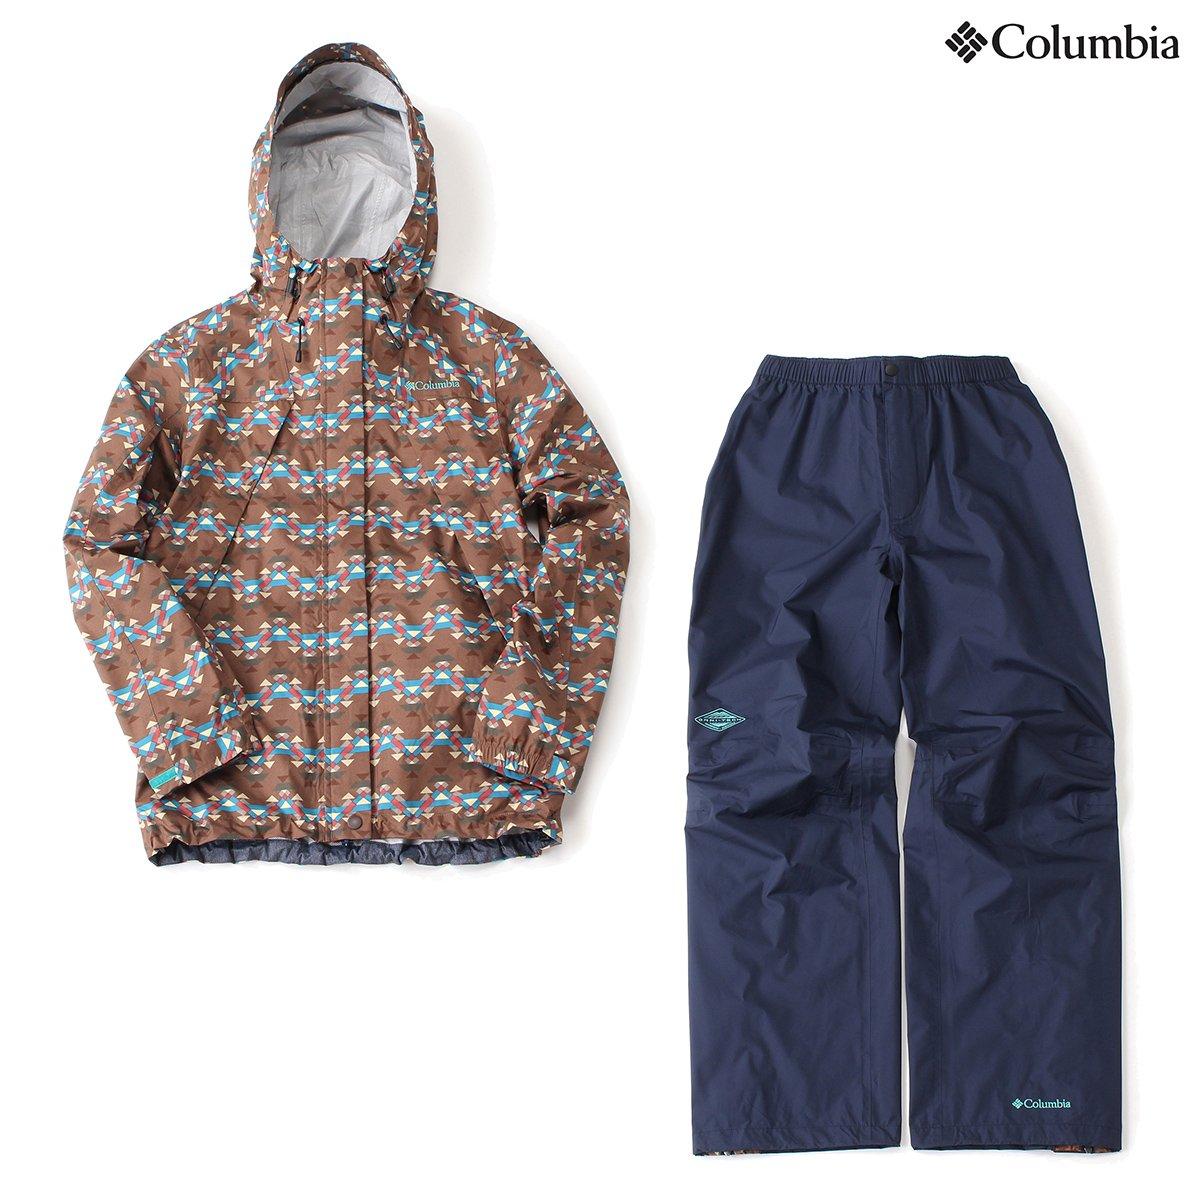 コロンビア エメラルドテライン Ⅲ ウィメンズレインスーツ